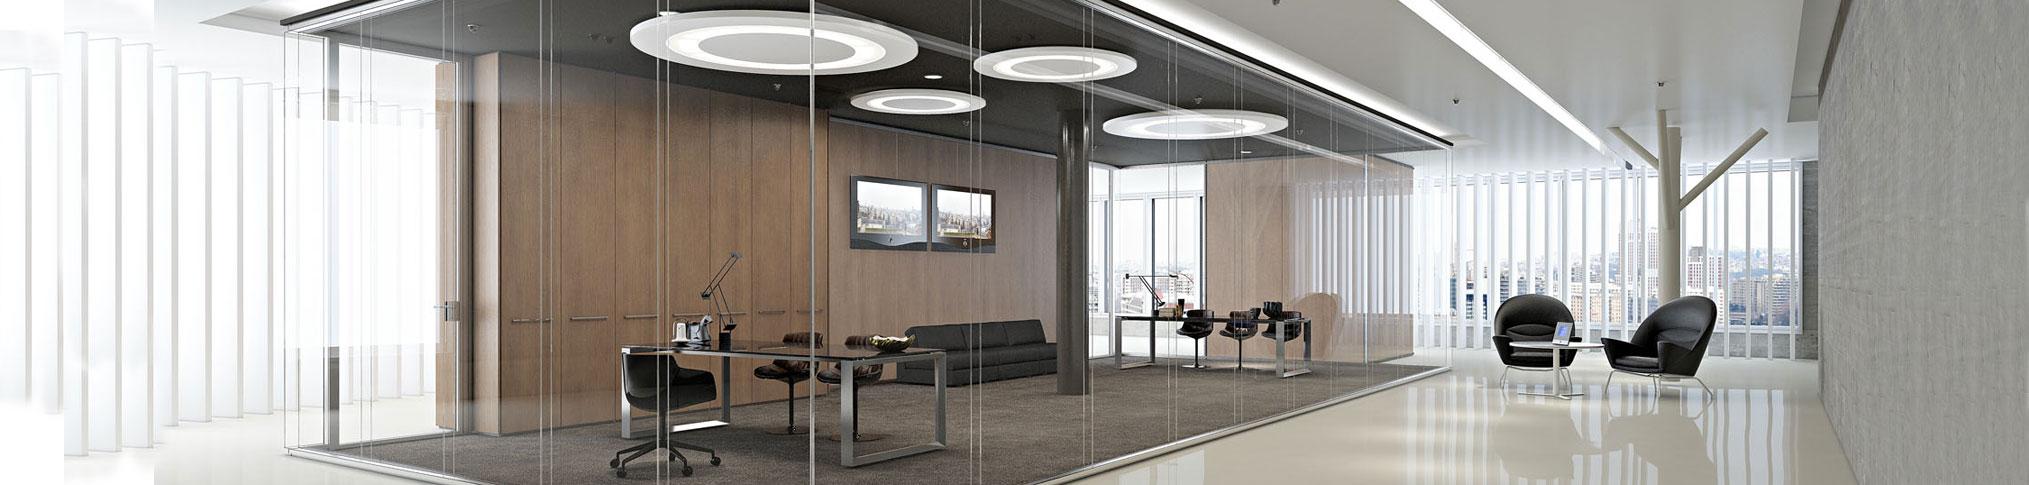 Pareti divisorie in vetro per l 39 ufficio - Pareti divisorie ufficio economiche ...